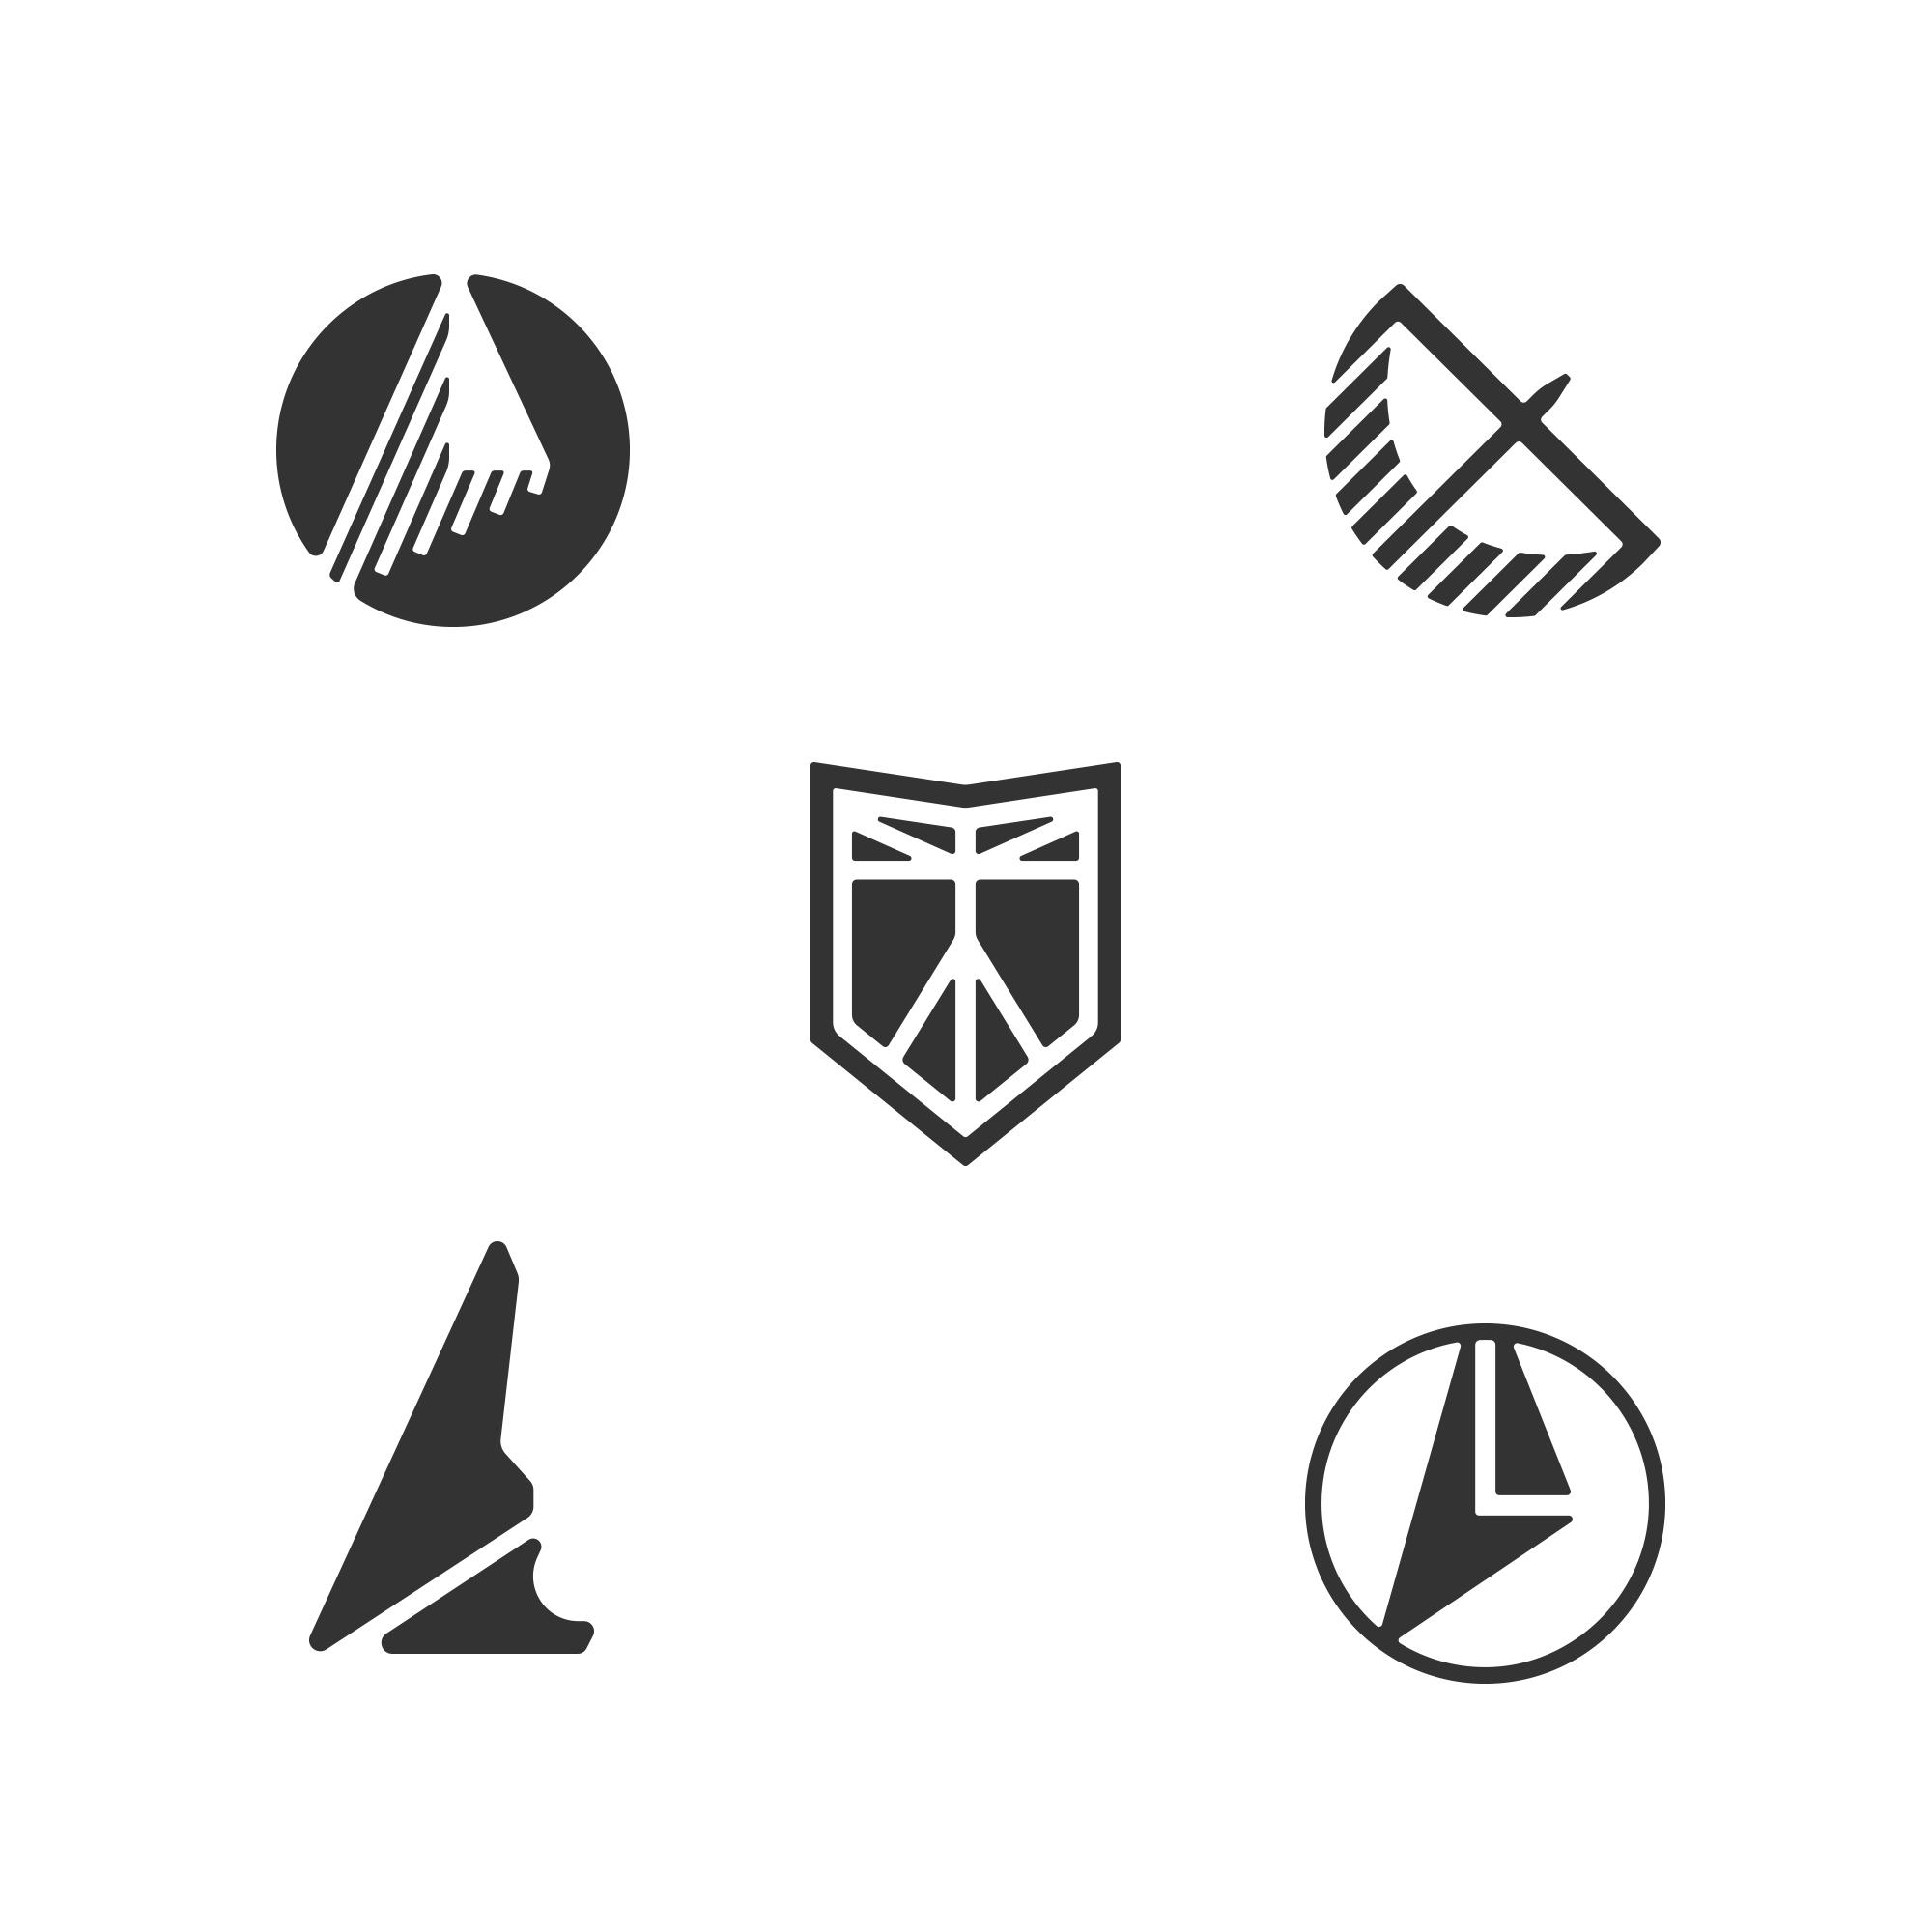 ajr-logos-005-traindaily